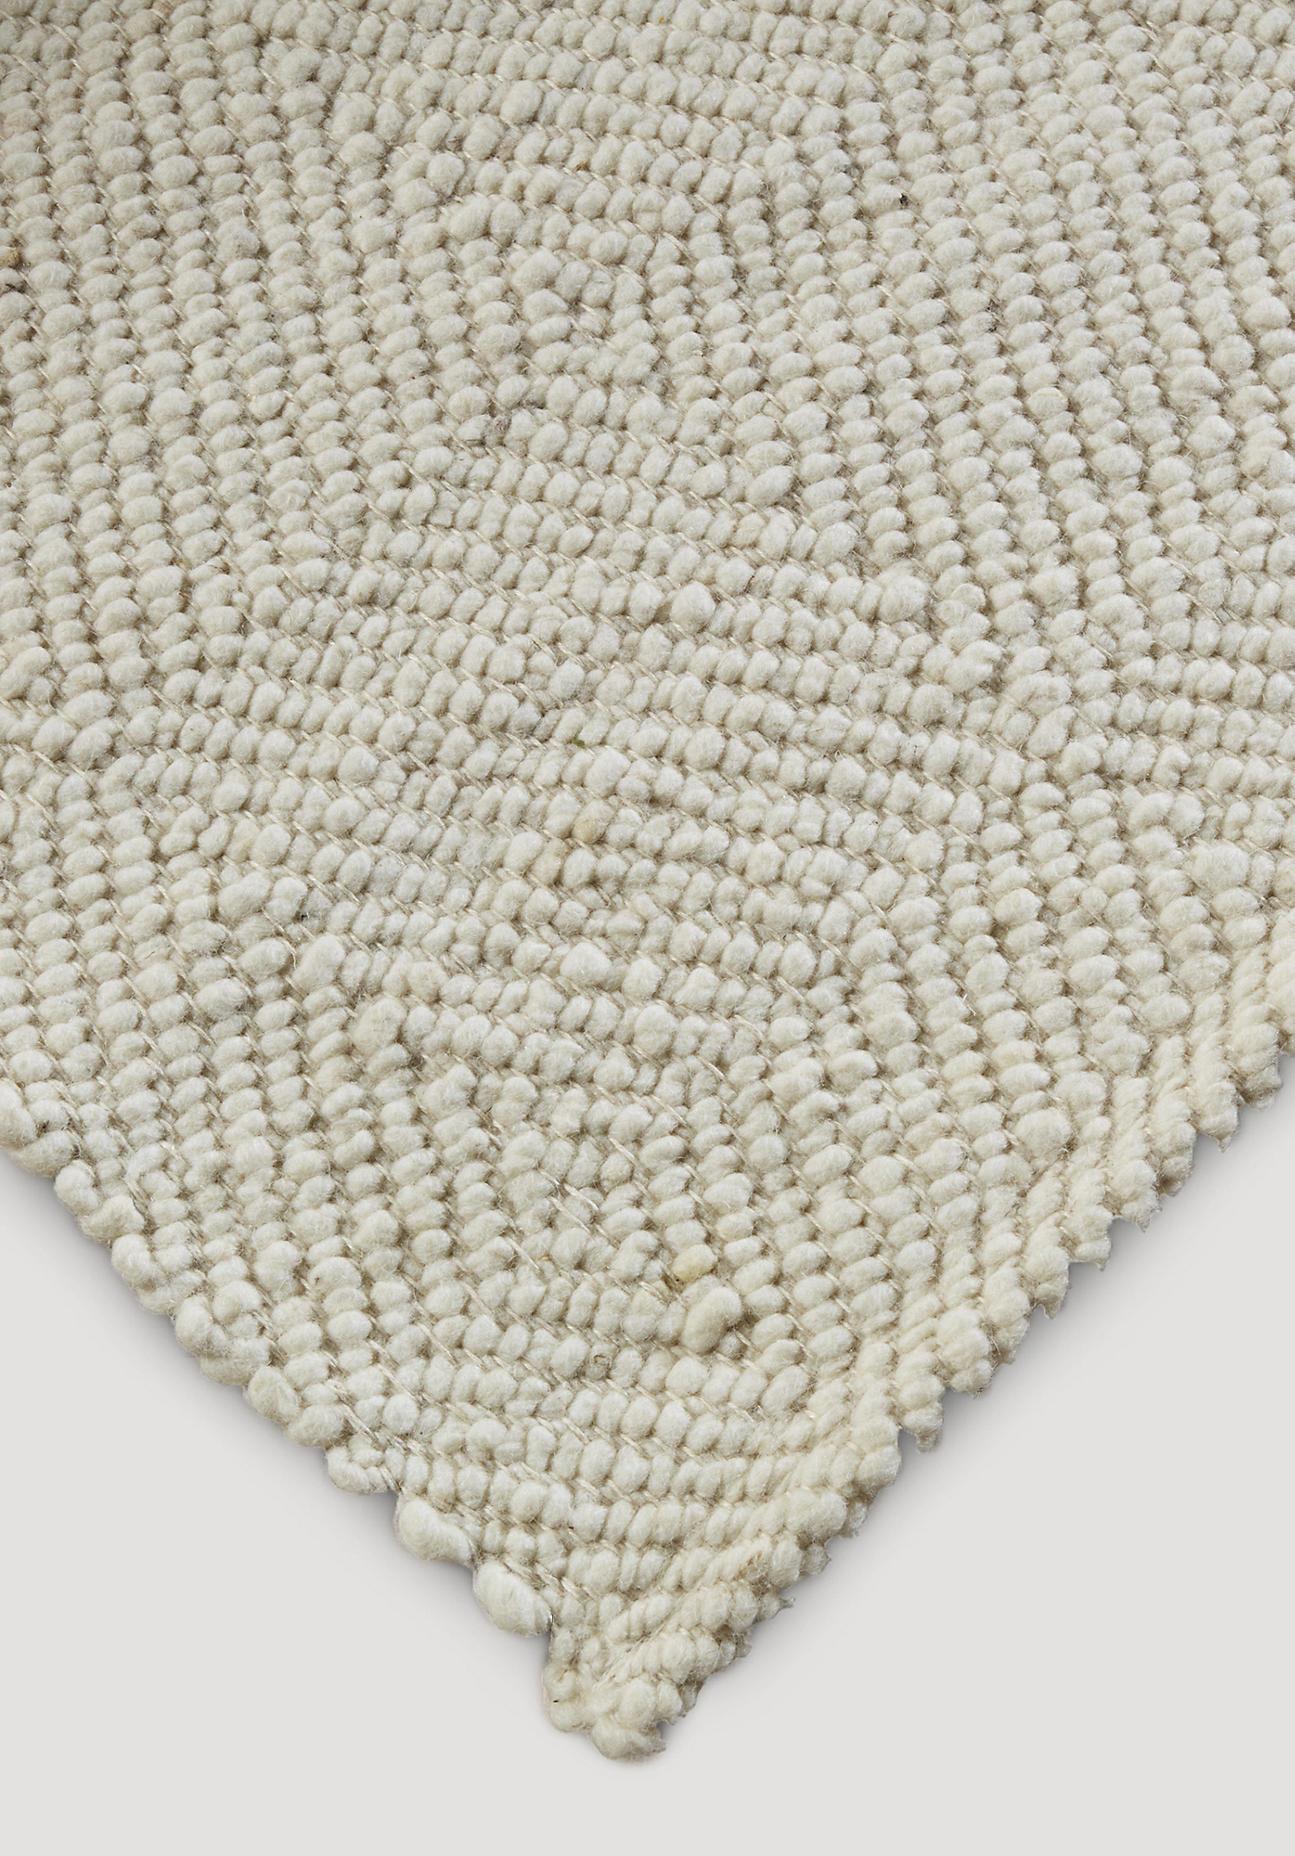 hessnatur Webteppich Ruga aus Deichschafwolle – naturfarben – Größe 70x140 cm